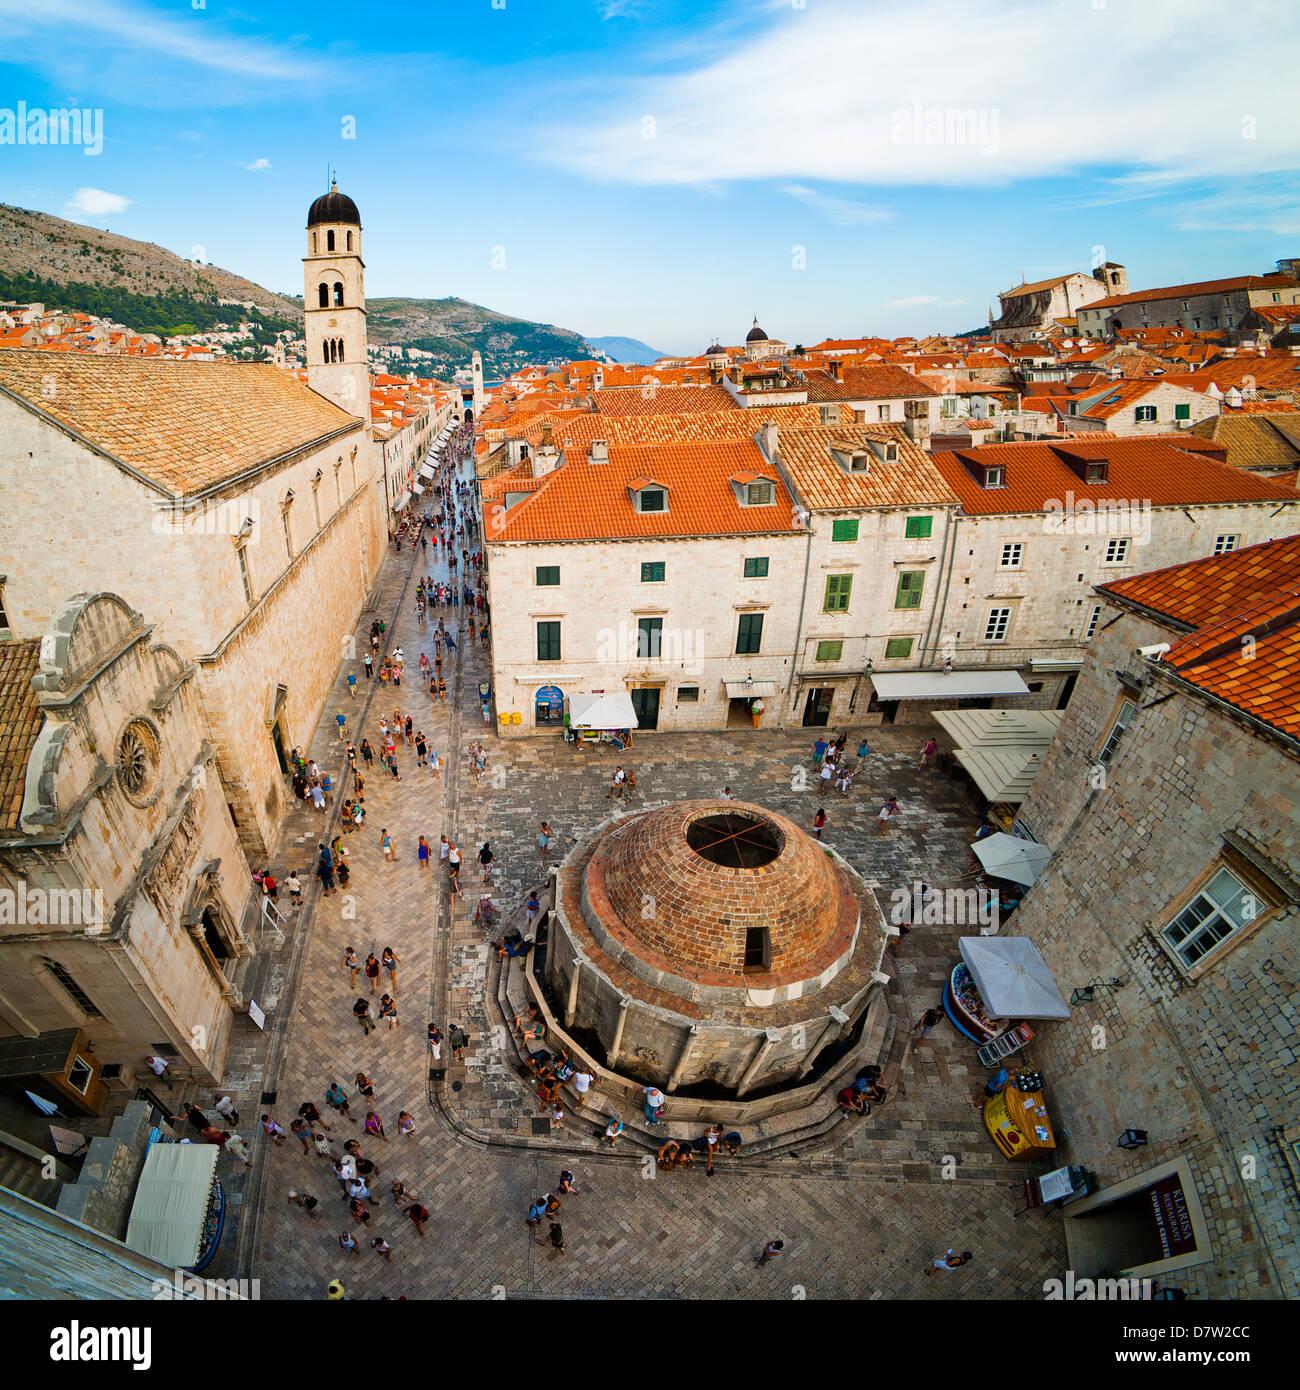 Onforio grande fontaine, Franciscan Monastery et clocher de la ville, site du patrimoine mondial de l'UNESCO, Dubrovnik, Croatie, la côte dalmate Banque D'Images